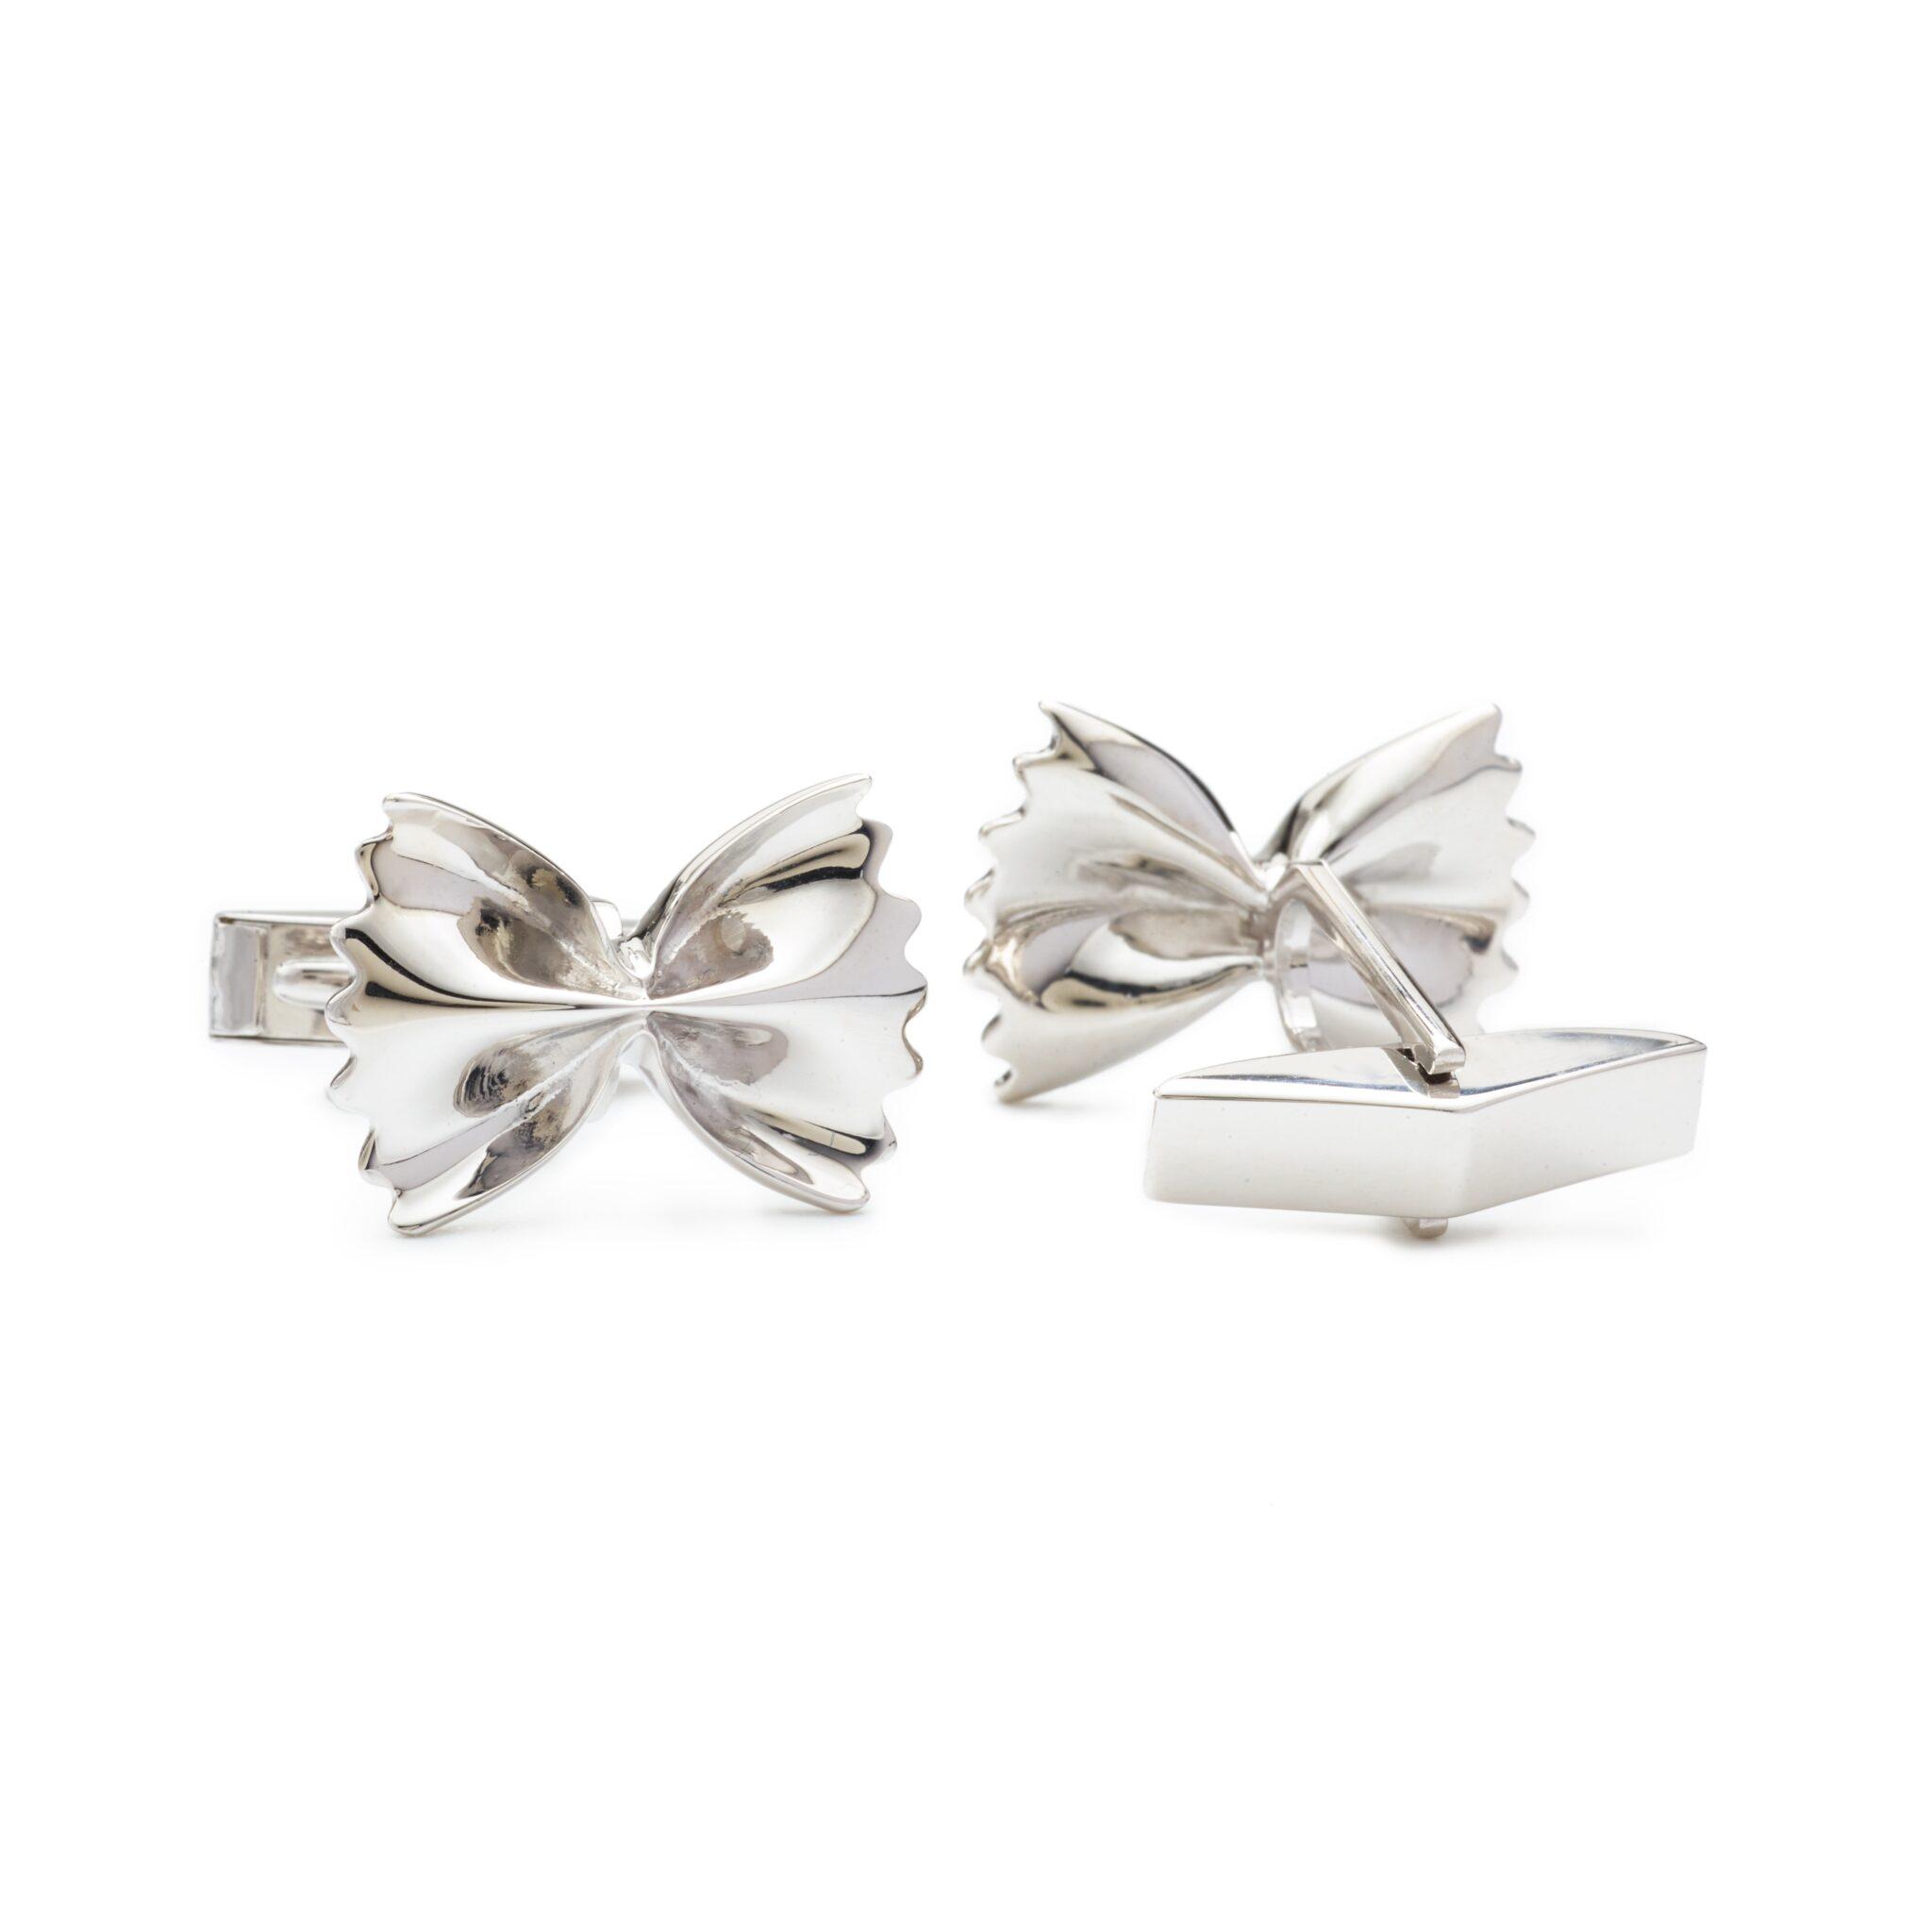 Farfalle Cufflinks, Sterling Silver